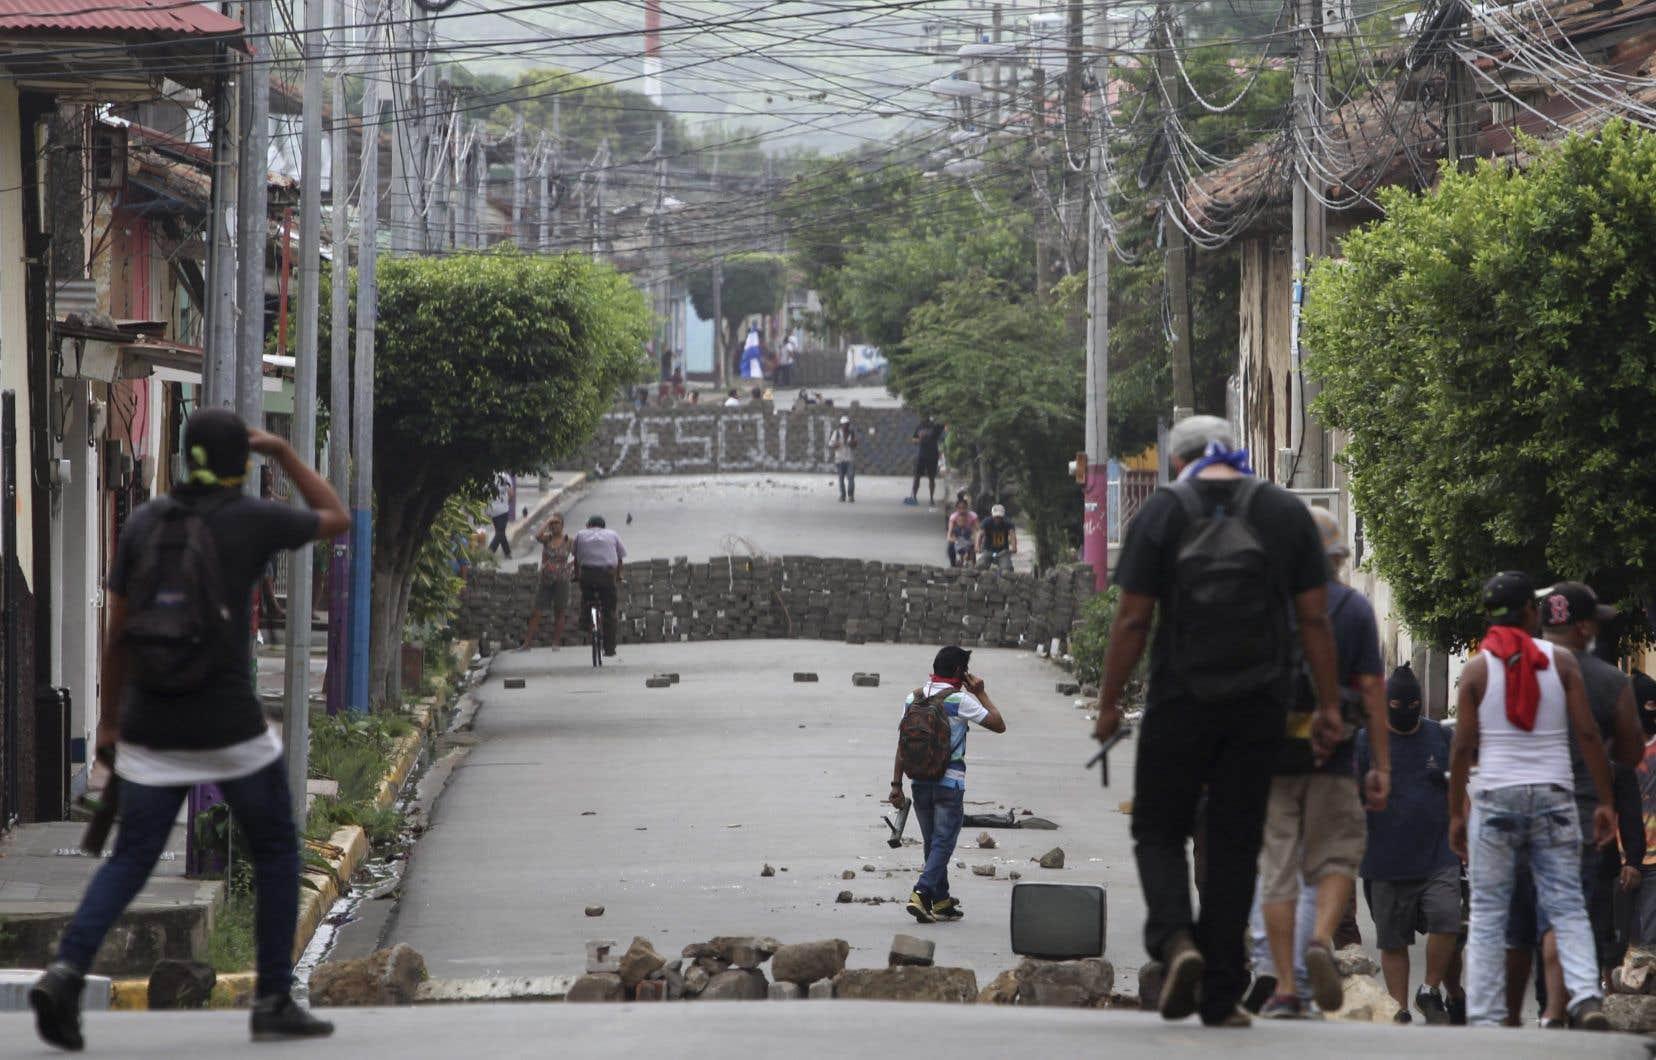 Des manifestants de l'opposition au gouvernement Ortega sont positionnés derrière des barricades, dans les rues de Masaya, samedi.